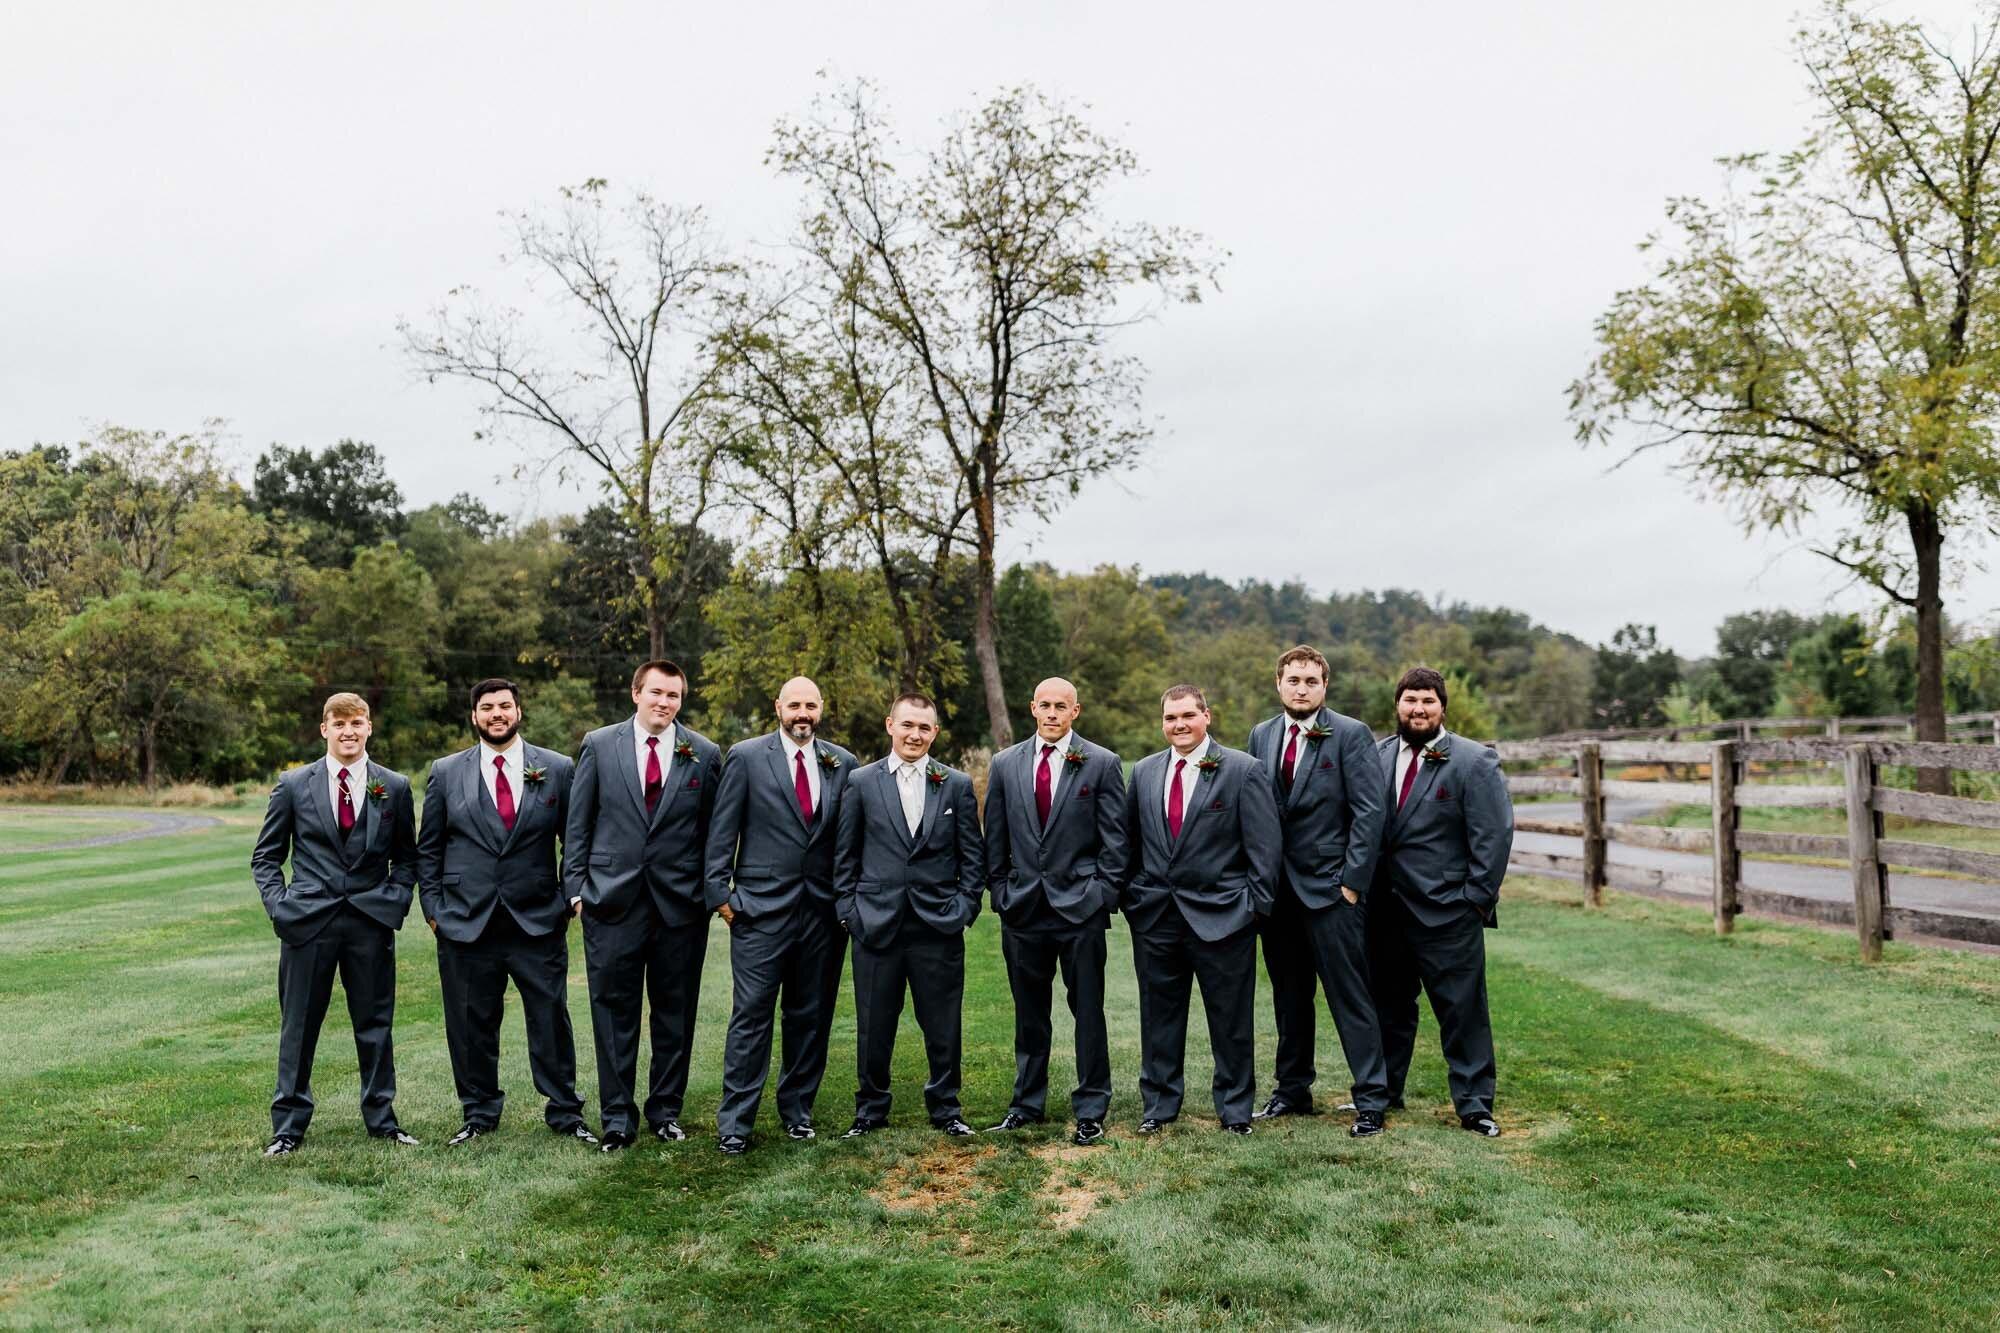 links-hemlock-creek-bloomsburg-wedding-5932.jpg